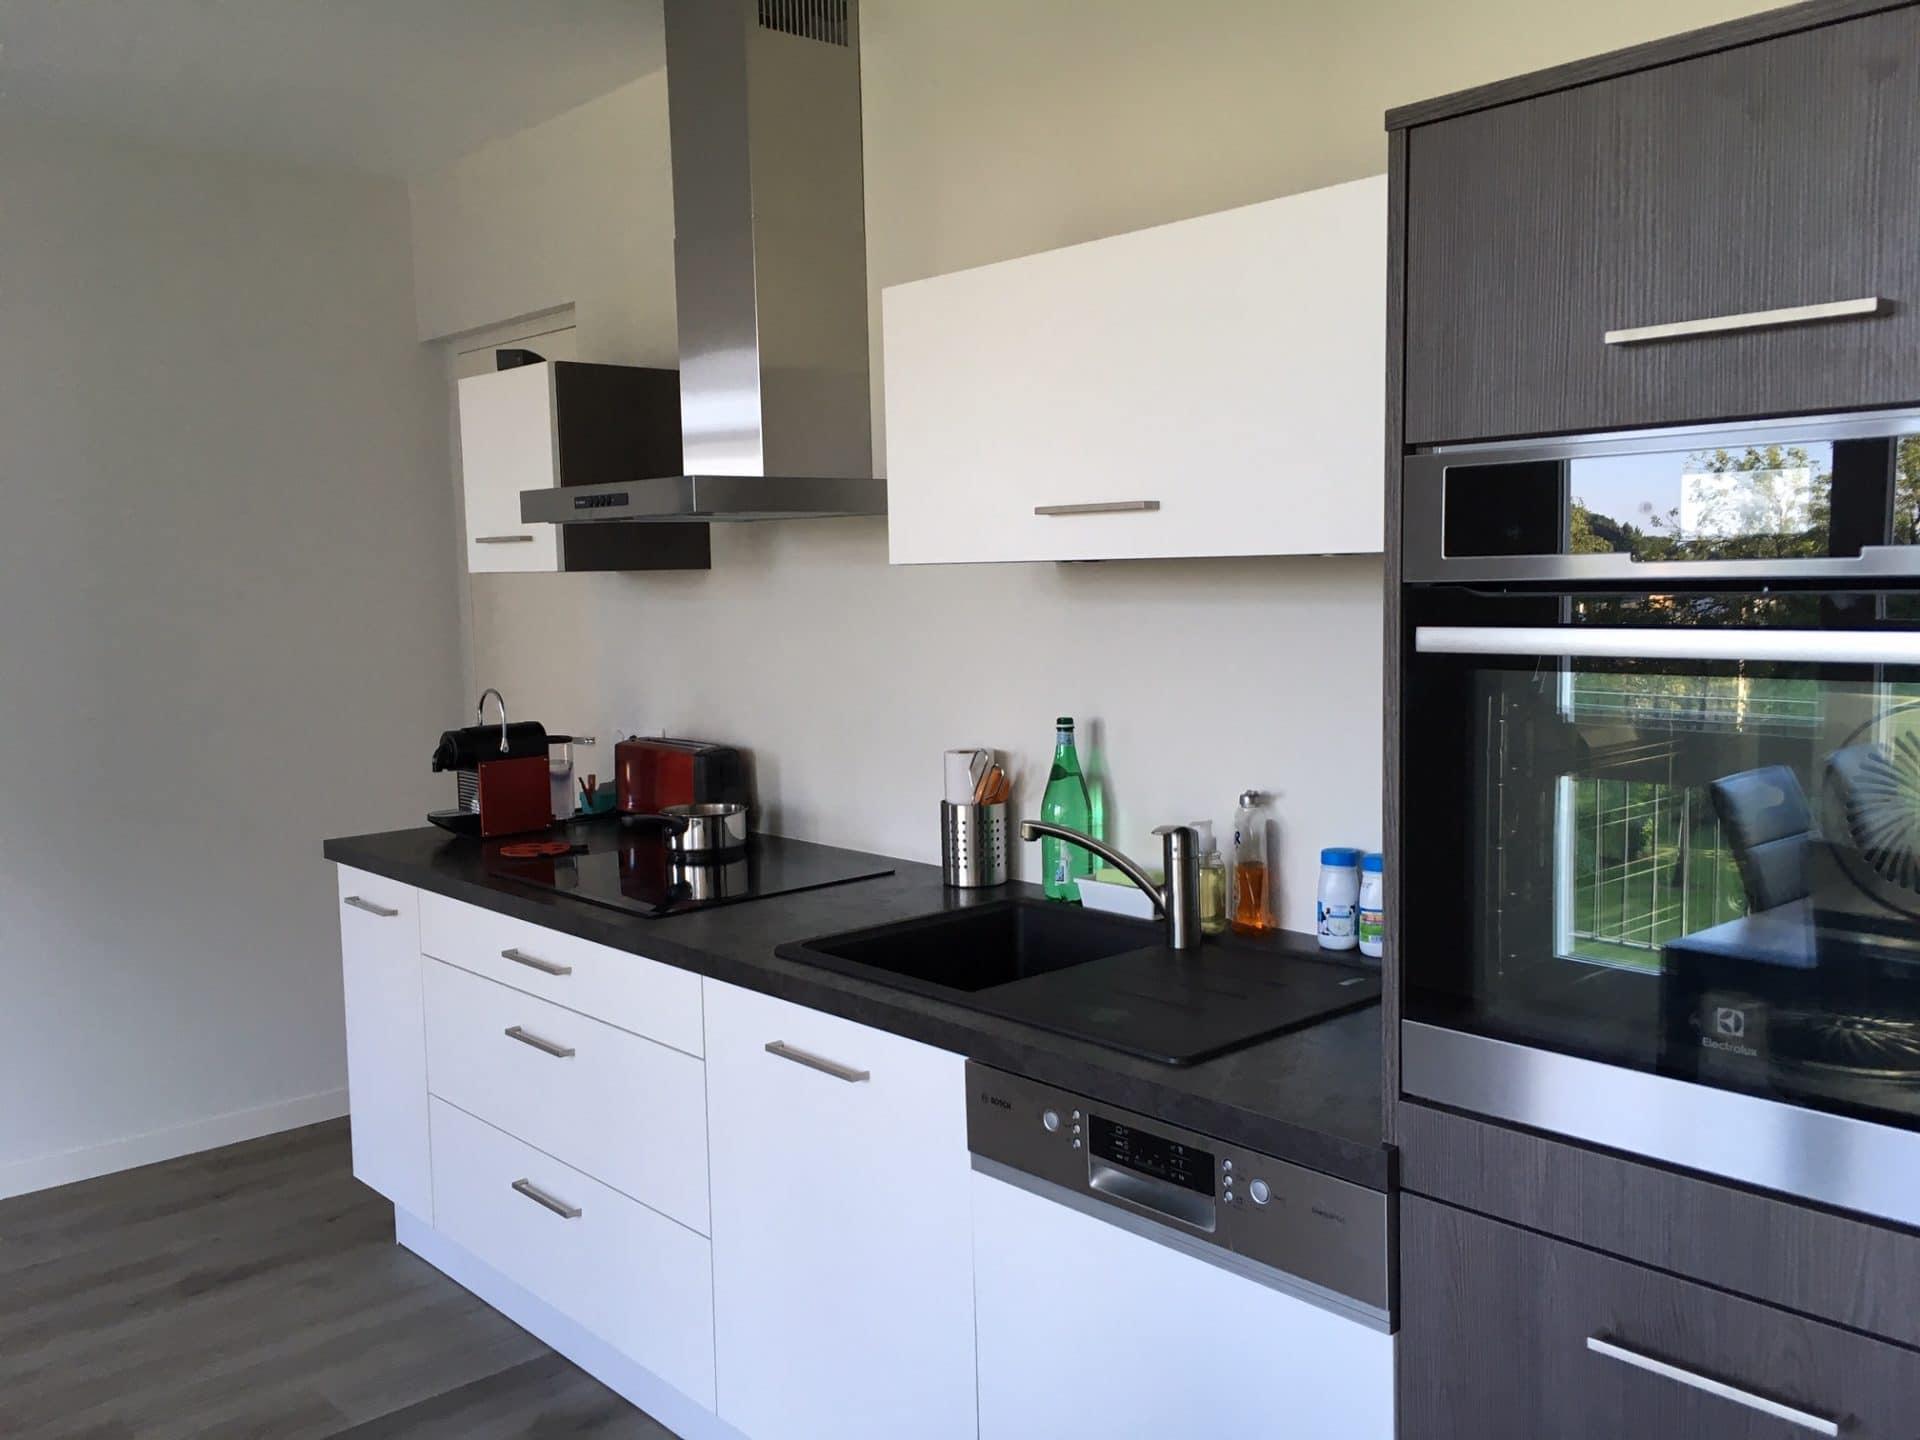 Appartement totalement rénové à Vannes (56)